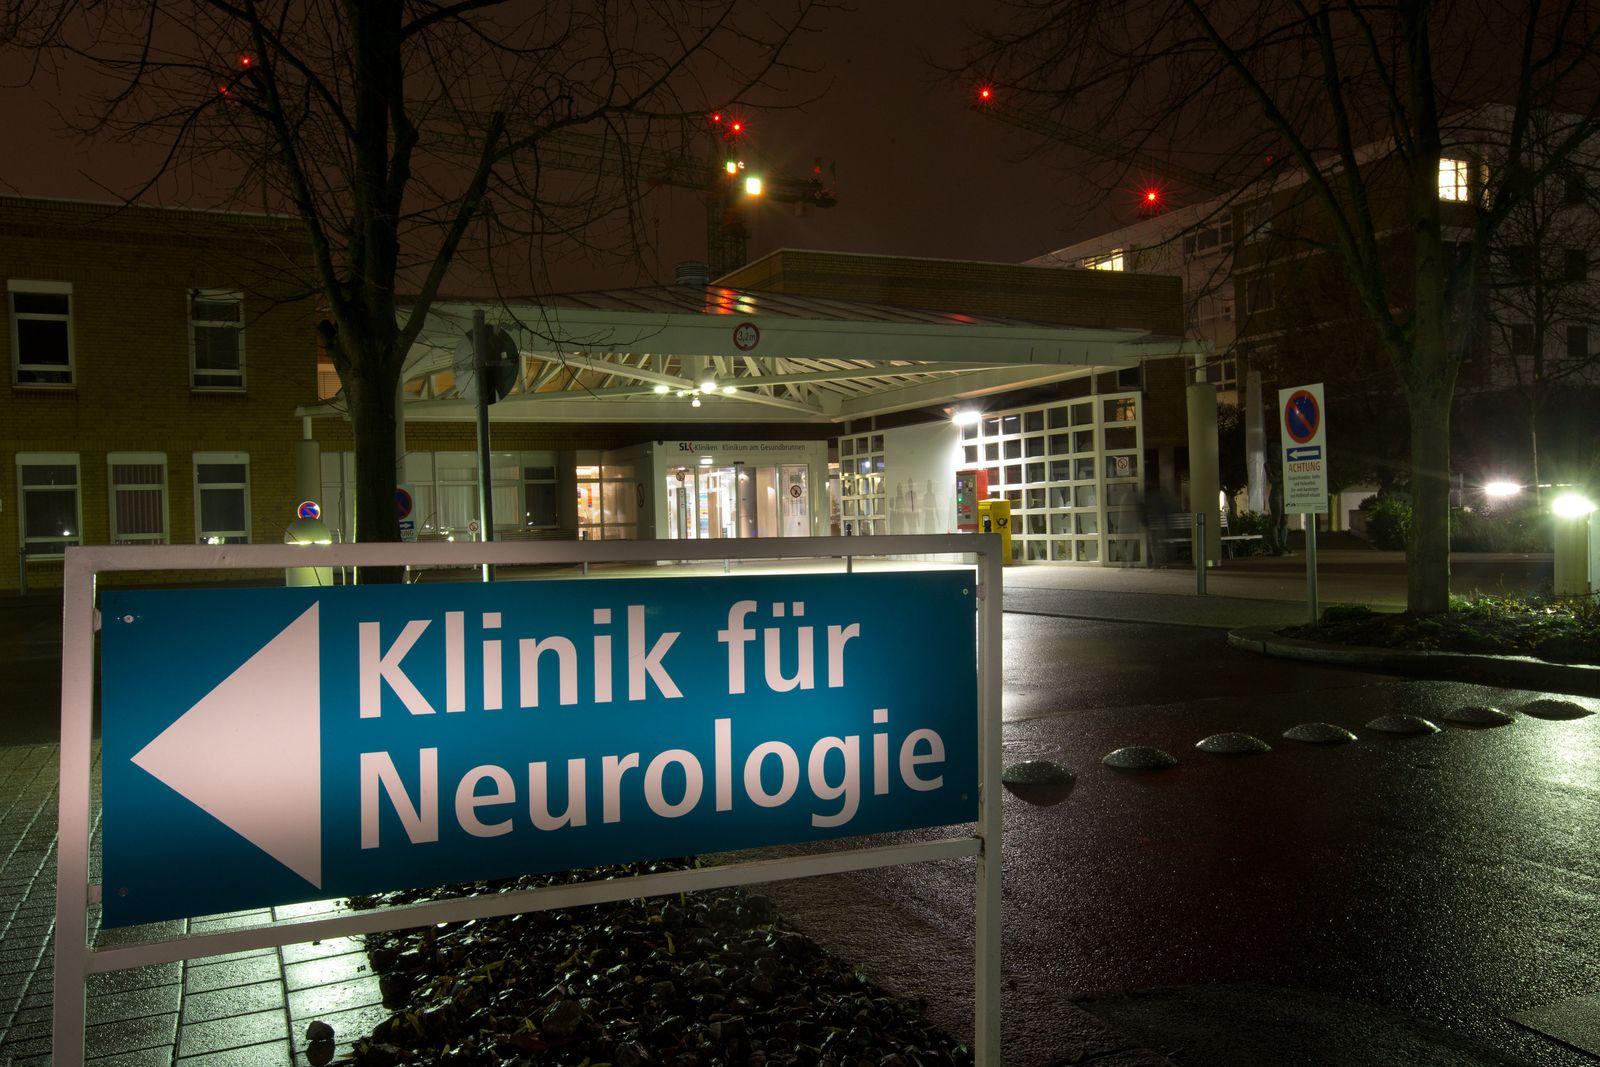 Krankenhaus in Heilbronn entlässt niederländischen Skandalarzt